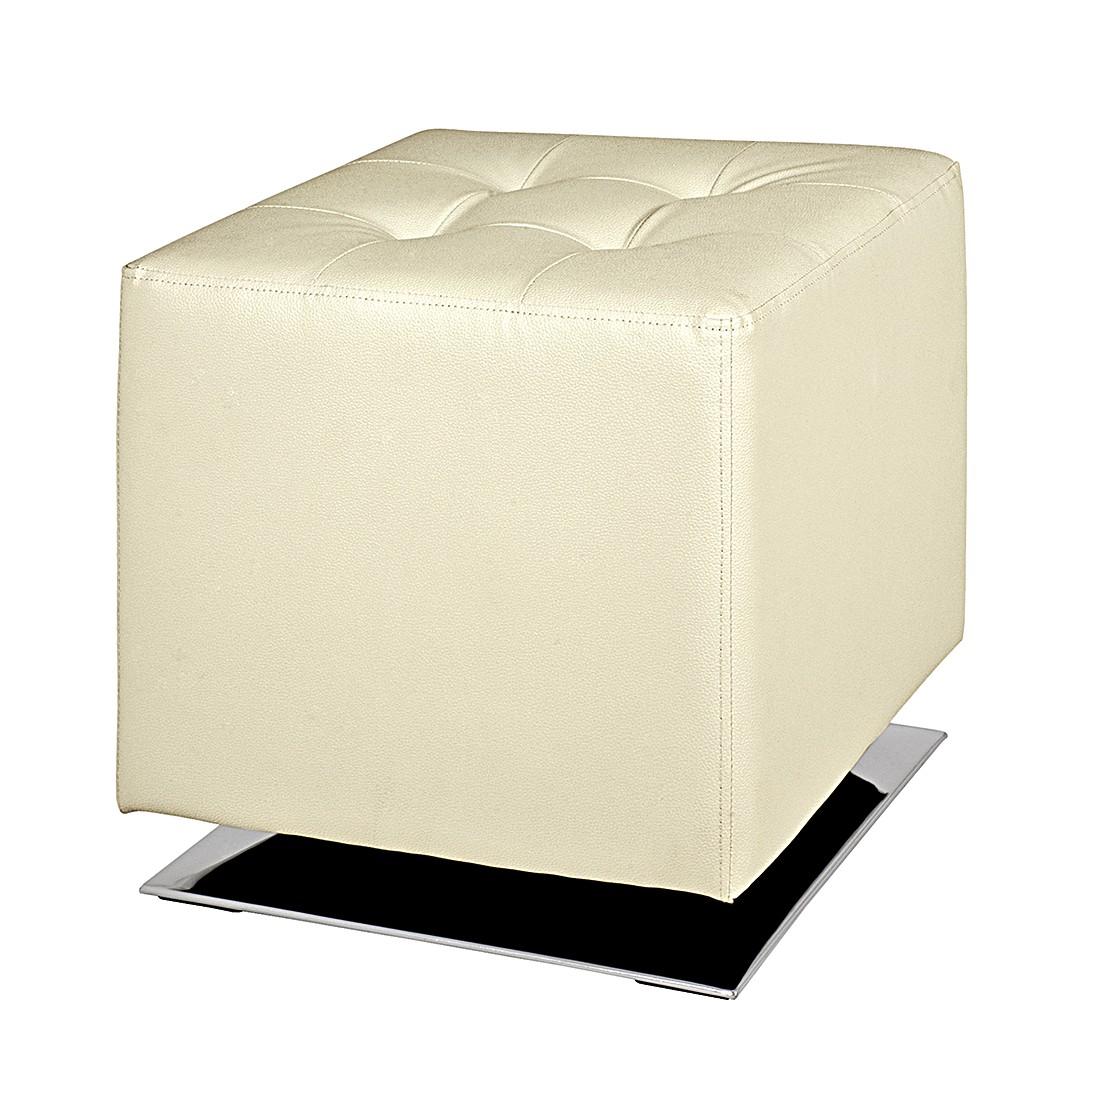 Gestoffeerde hocker Trafalgar - crèmekleurig kunstleer, Home Design